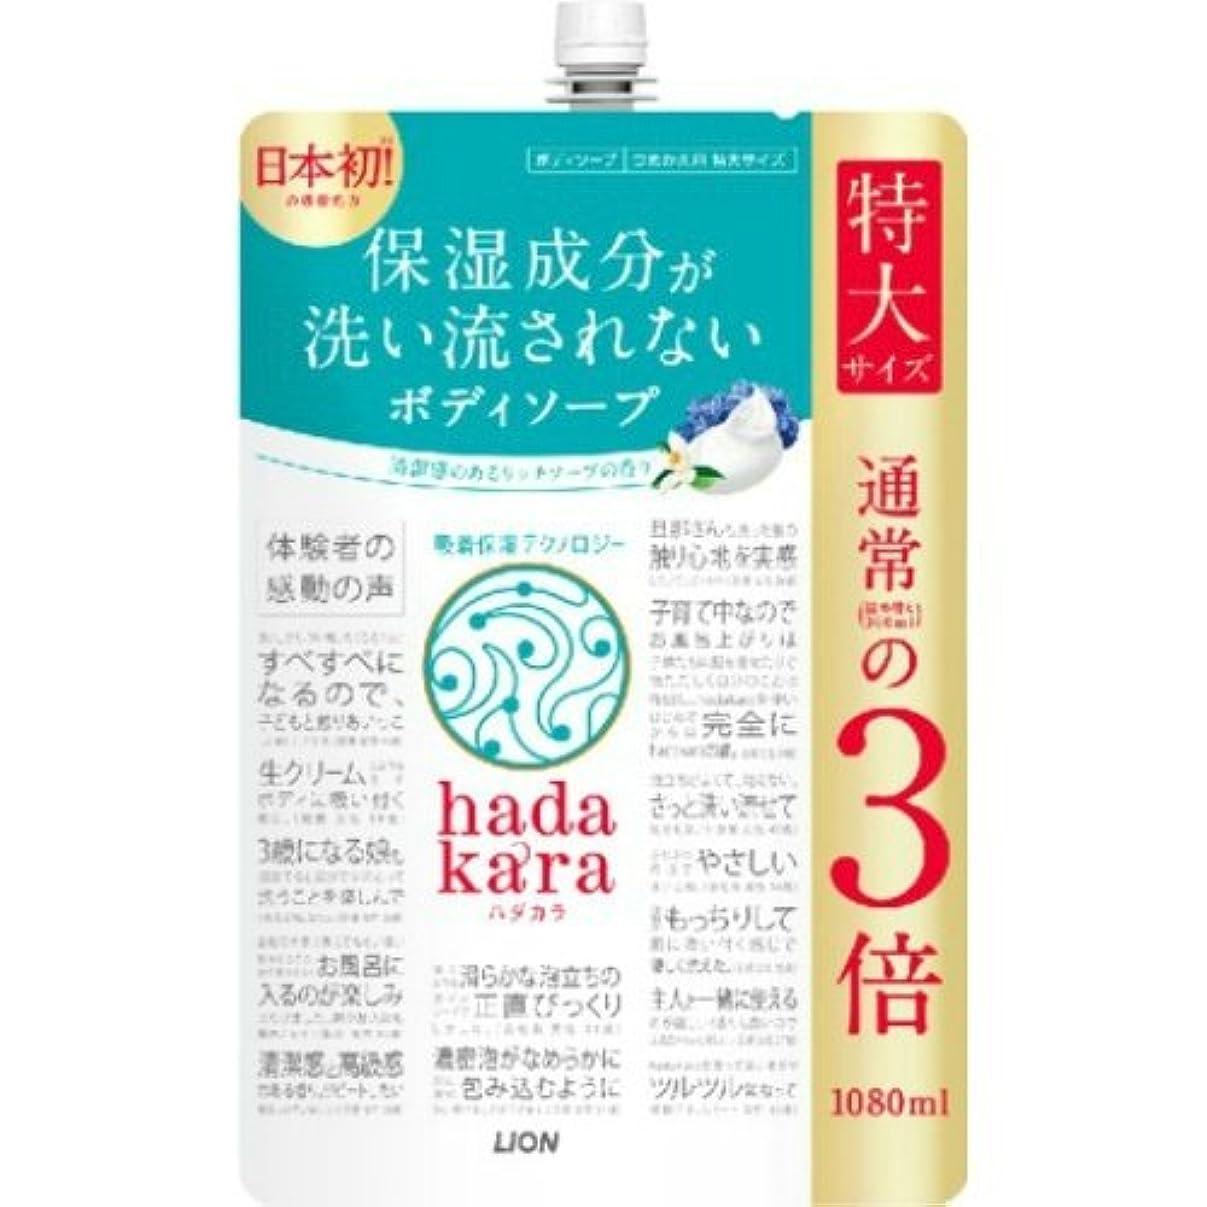 はずメロディアス確認するLION ライオン hadakara ハダカラ ボディソープ リッチソープの香り つめかえ用 特大サイズ 1080ml ×006点セット(4903301260882)